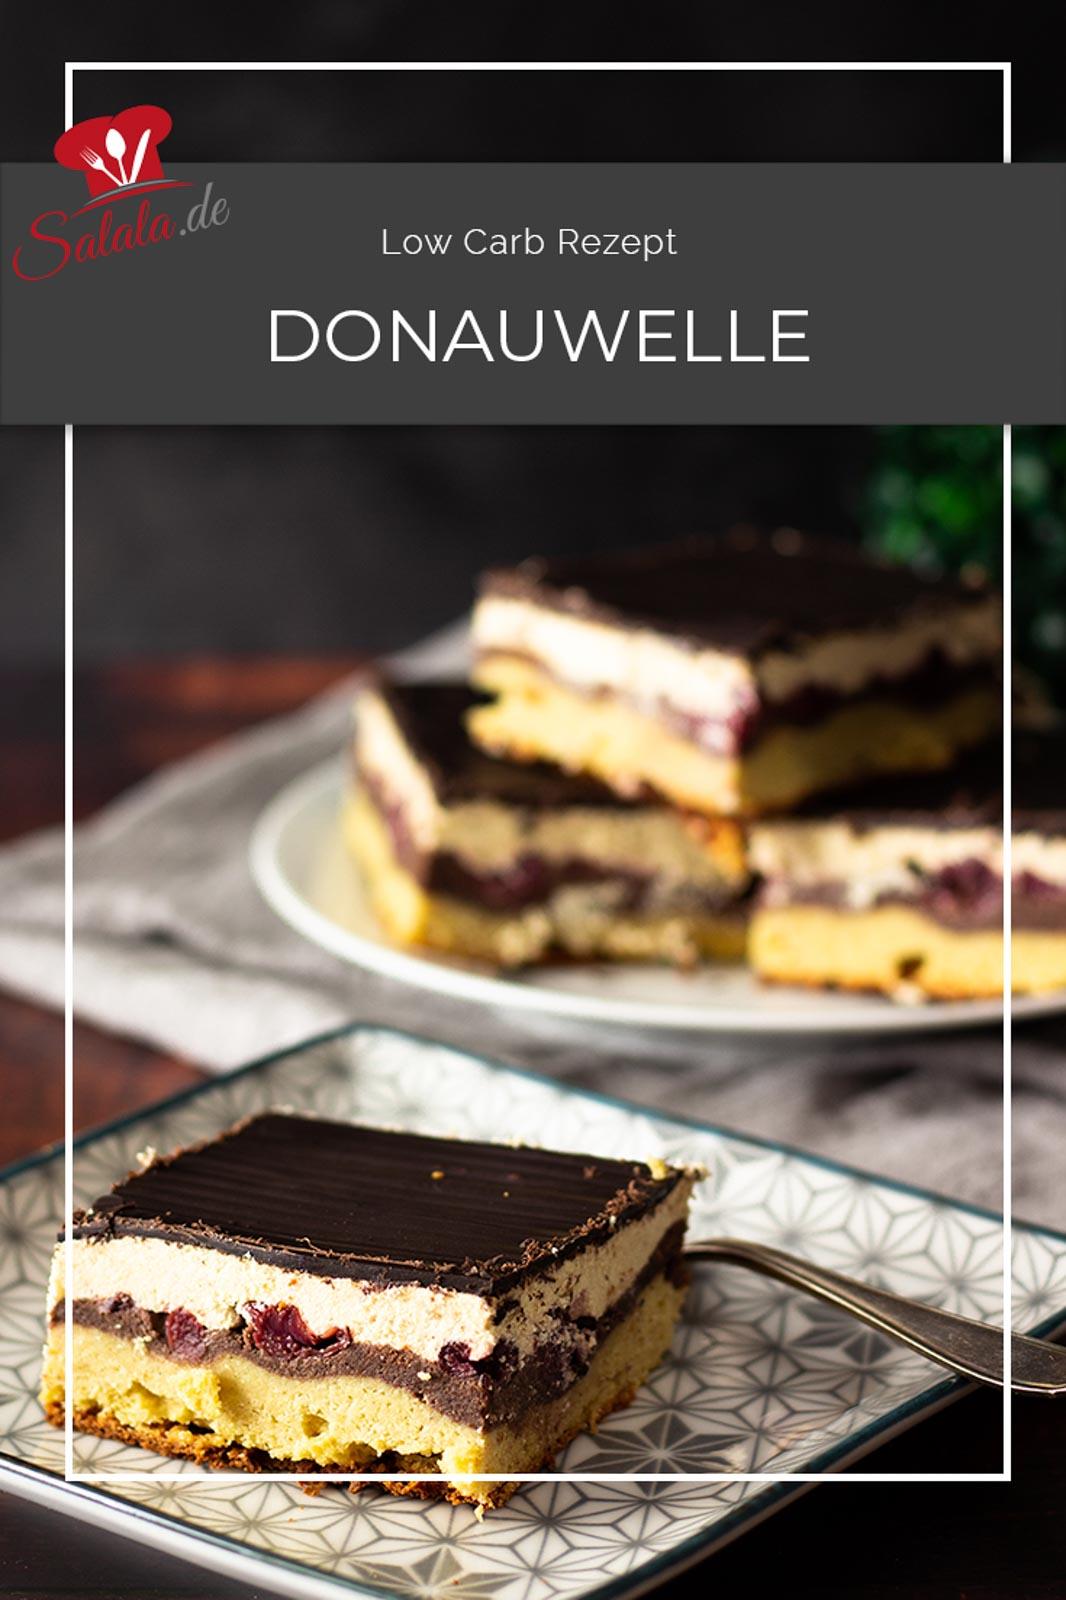 Donauwelle ist so ein typischer Klassiker unter den Blechkuchen. Das Rezept in Low Carb umwandeln ist dagegen nicht ganz so klassisch. Nicht wegen dem Teig, sondern wegen dem Pudding, also der Buttercreme. Das ist in Low Carb und lecker gar nicht so einfach. Aber es ist uns gelungen. Wir haben eine super leckere Low Carb Donauwelle gezaubert.  #lowcarb #donauwelle #lowcarbbacken #lowcarbdonauwelle #lowcarbblechkuchen #glutenfreibacken #donauwelleohnemehl #donauwelleohnezucker #blechkuchenrezepte